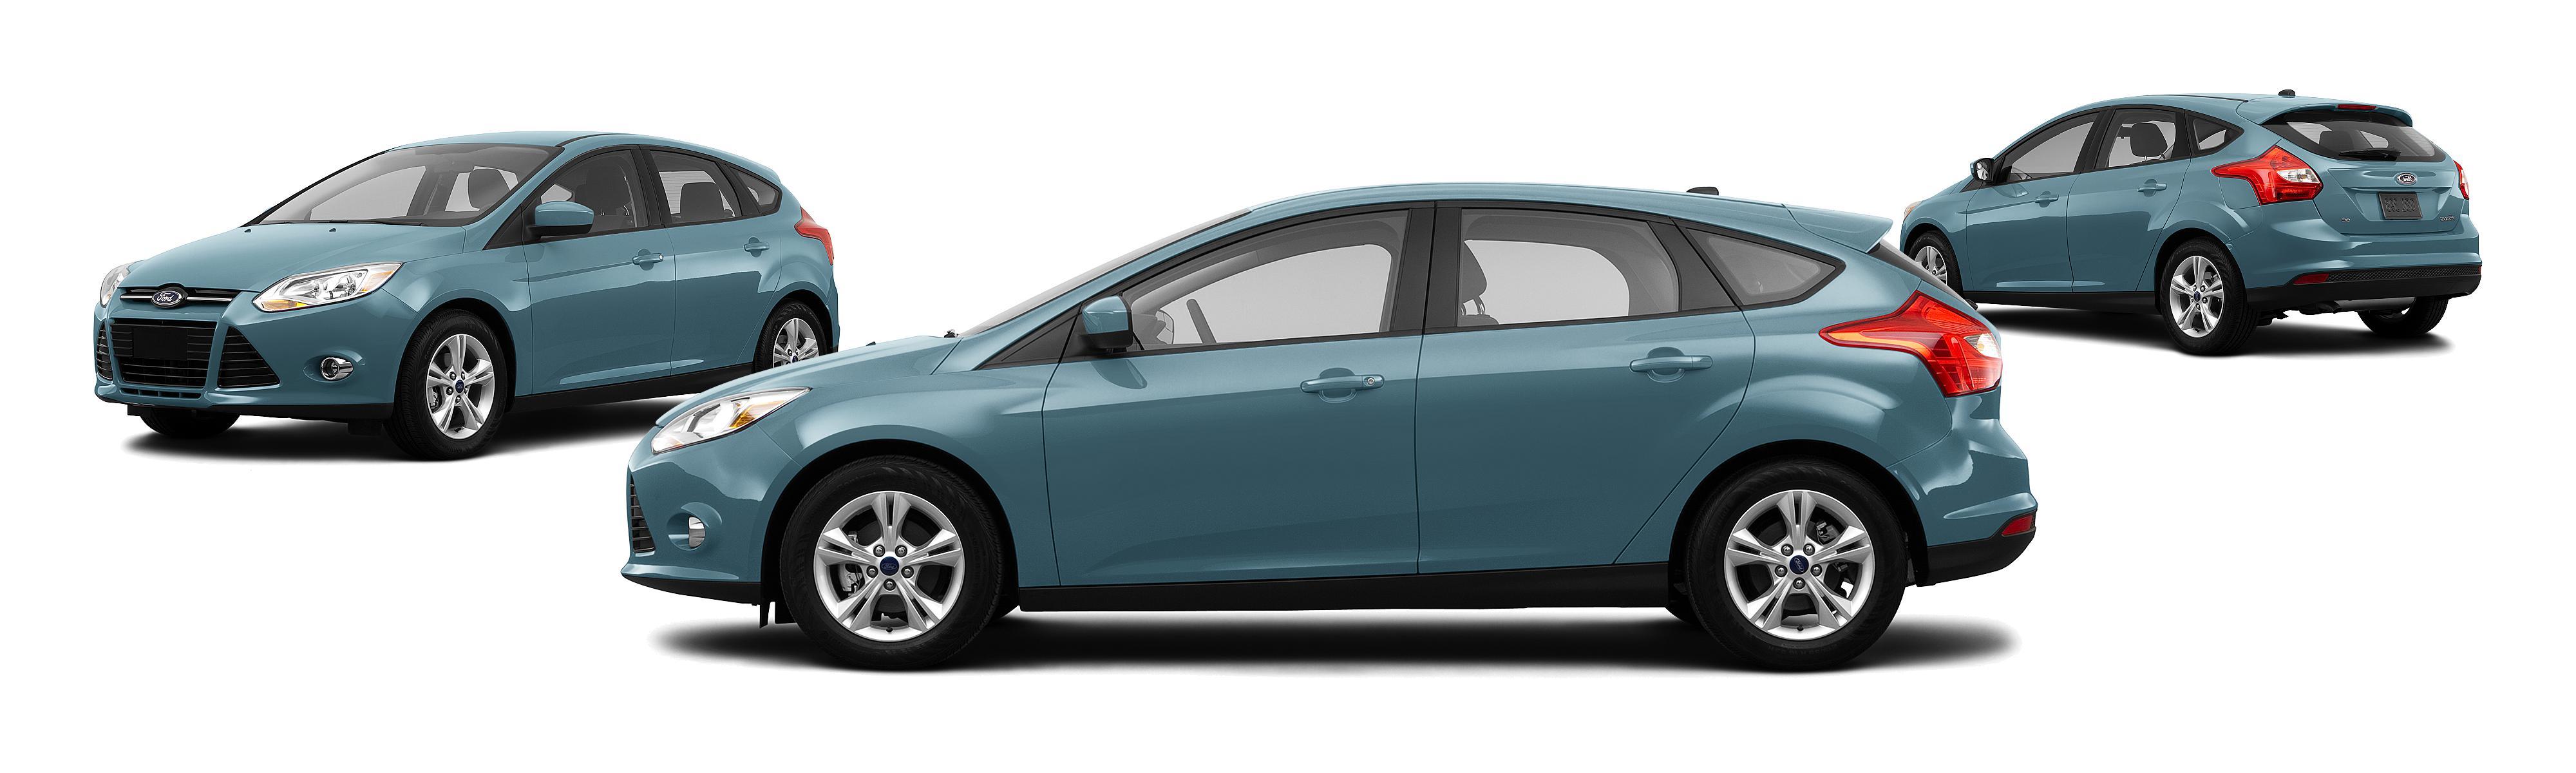 2012 ford focus se 4dr hatchback research groovecar